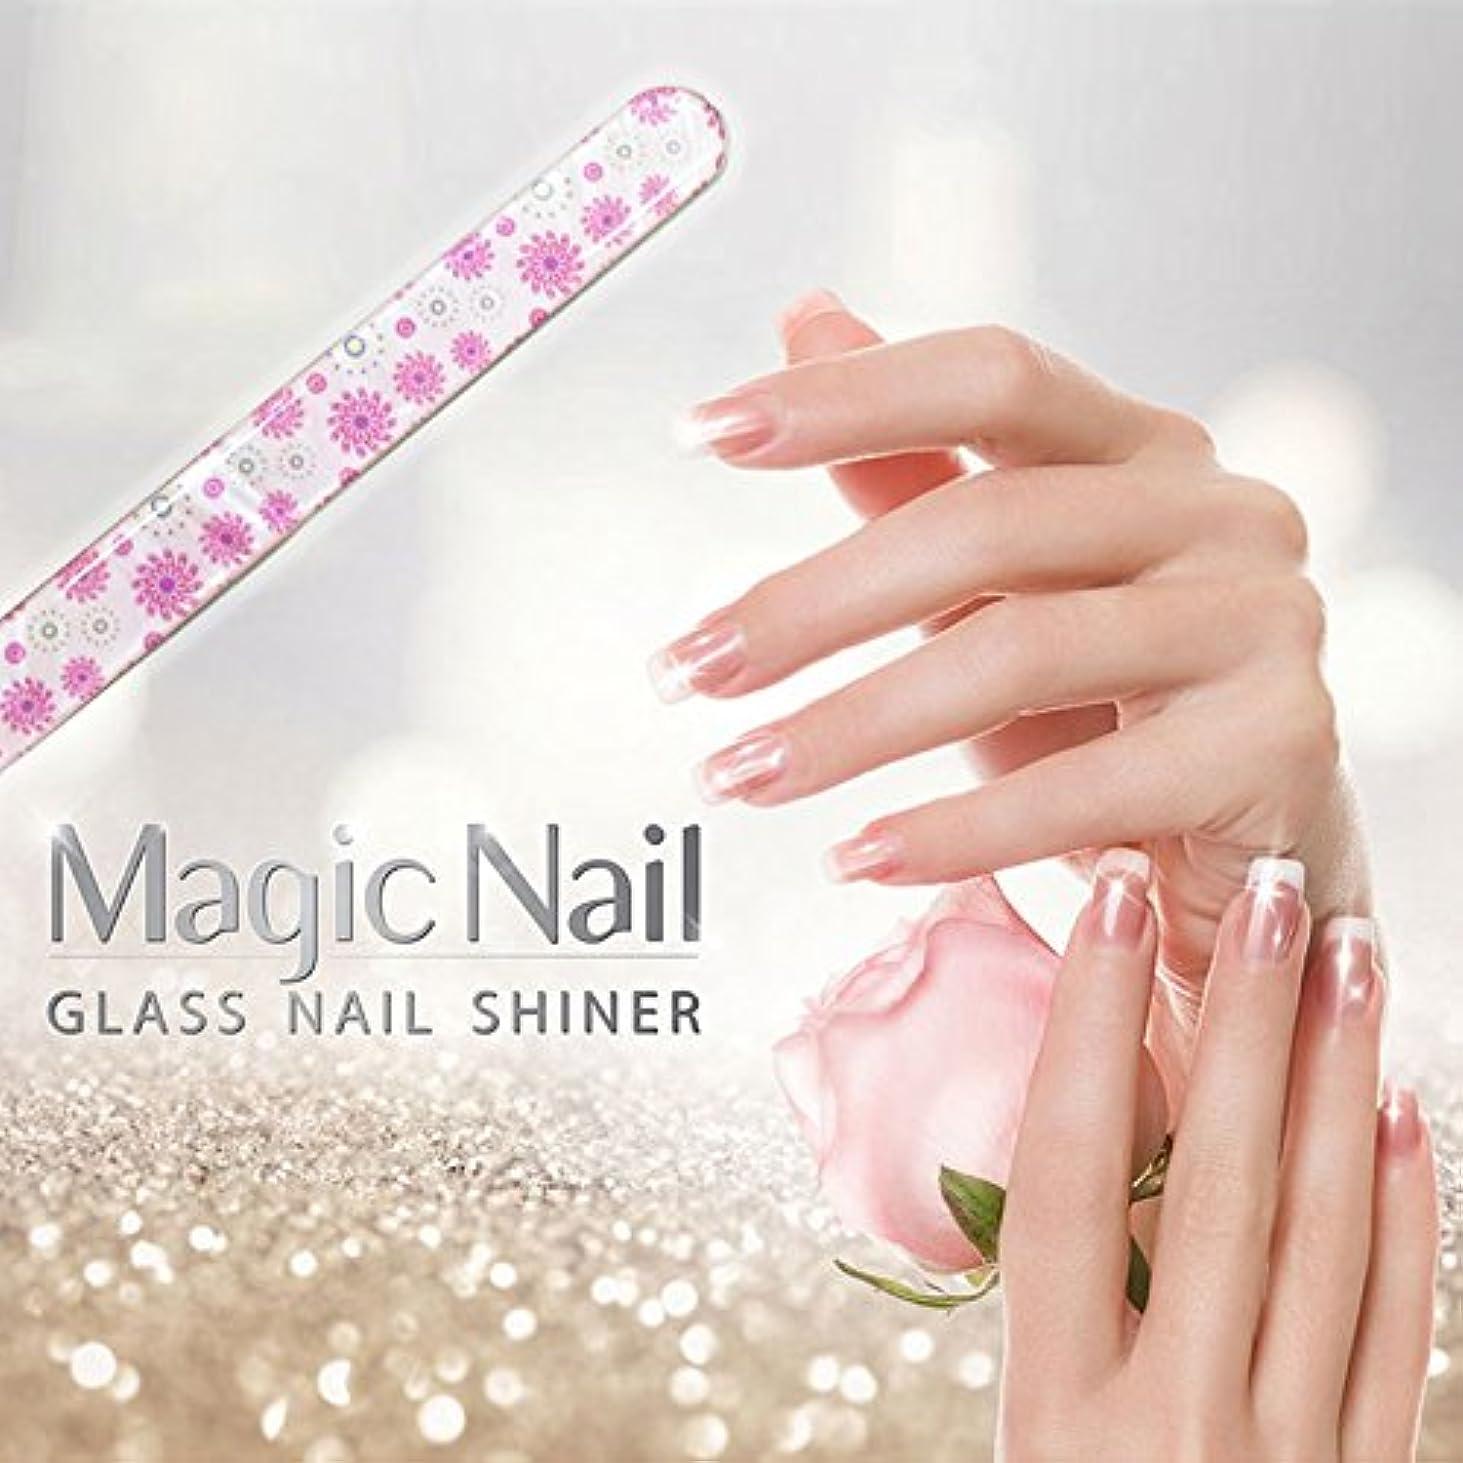 初期無し抑圧エッサンテ(Essante) マジックネイル magic nail マニキュアを塗ったようなツヤ、輝きが家で誰でも簡単に出来る glass nail shiner ガラスネイルシャイナー おしゃれなデザイン つめやすり ...